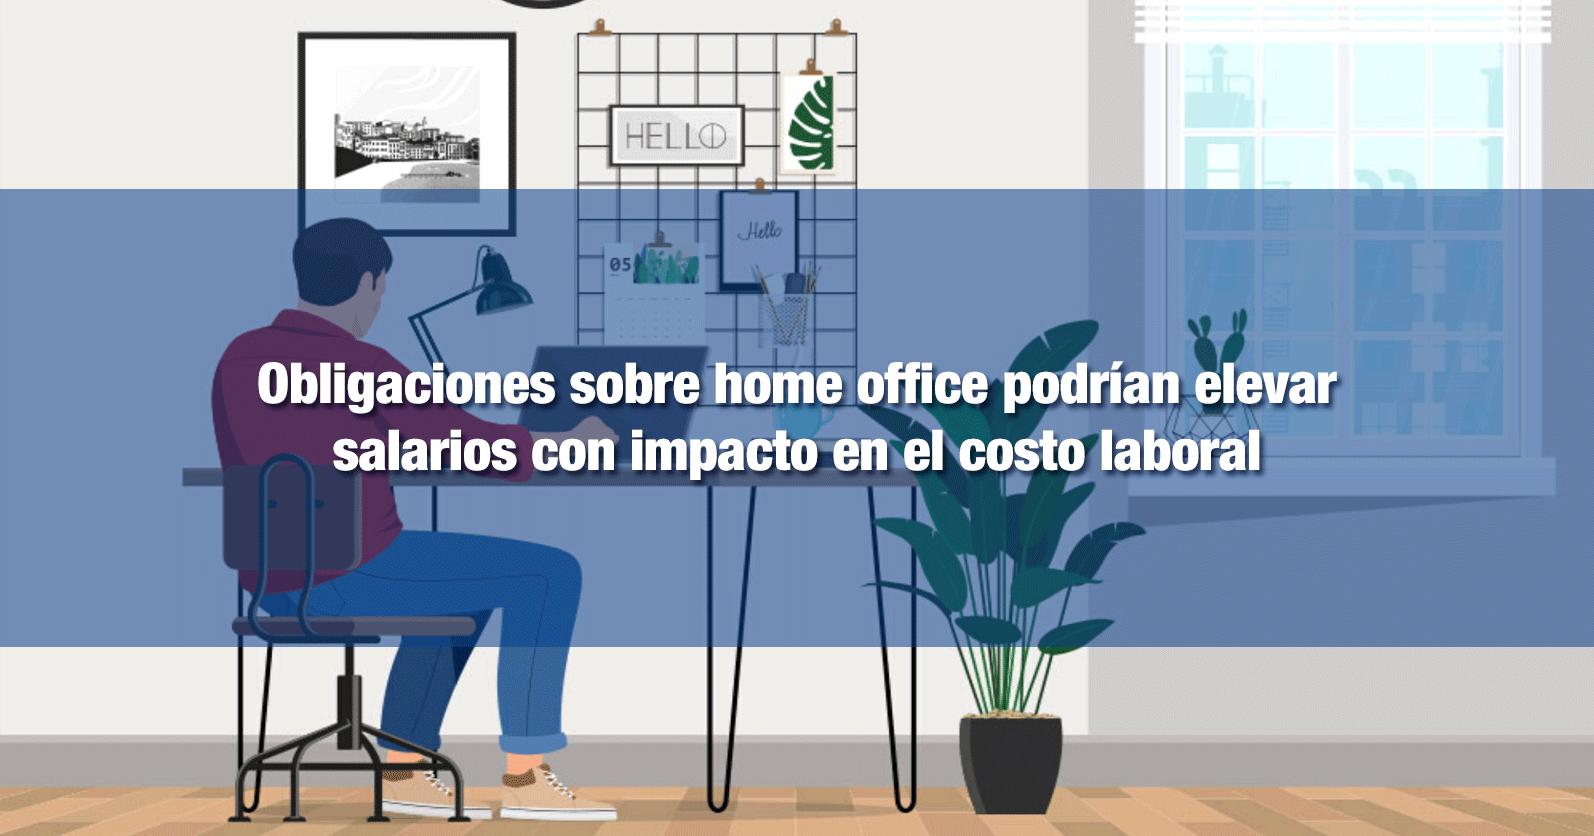 Obligaciones sobre home office podrían elevar salarios con impacto en el costo laboral